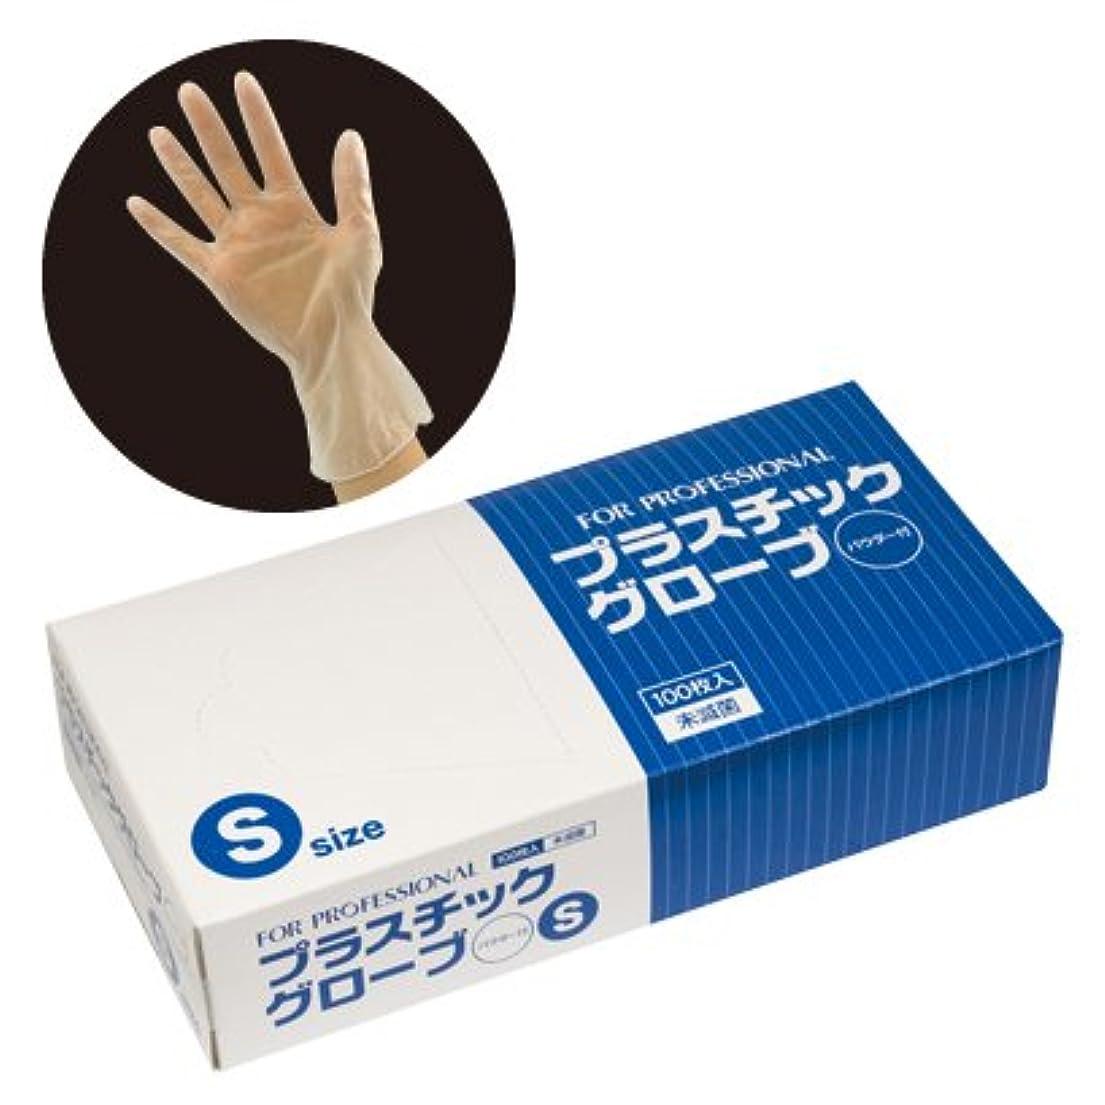 影響力のある灰名前で【業務用】 FEED(フィード) プラスチックグローブ(手袋) パウダー付/S カートン (作業用) 100枚入×10ケース (329.4円/1個あたり)